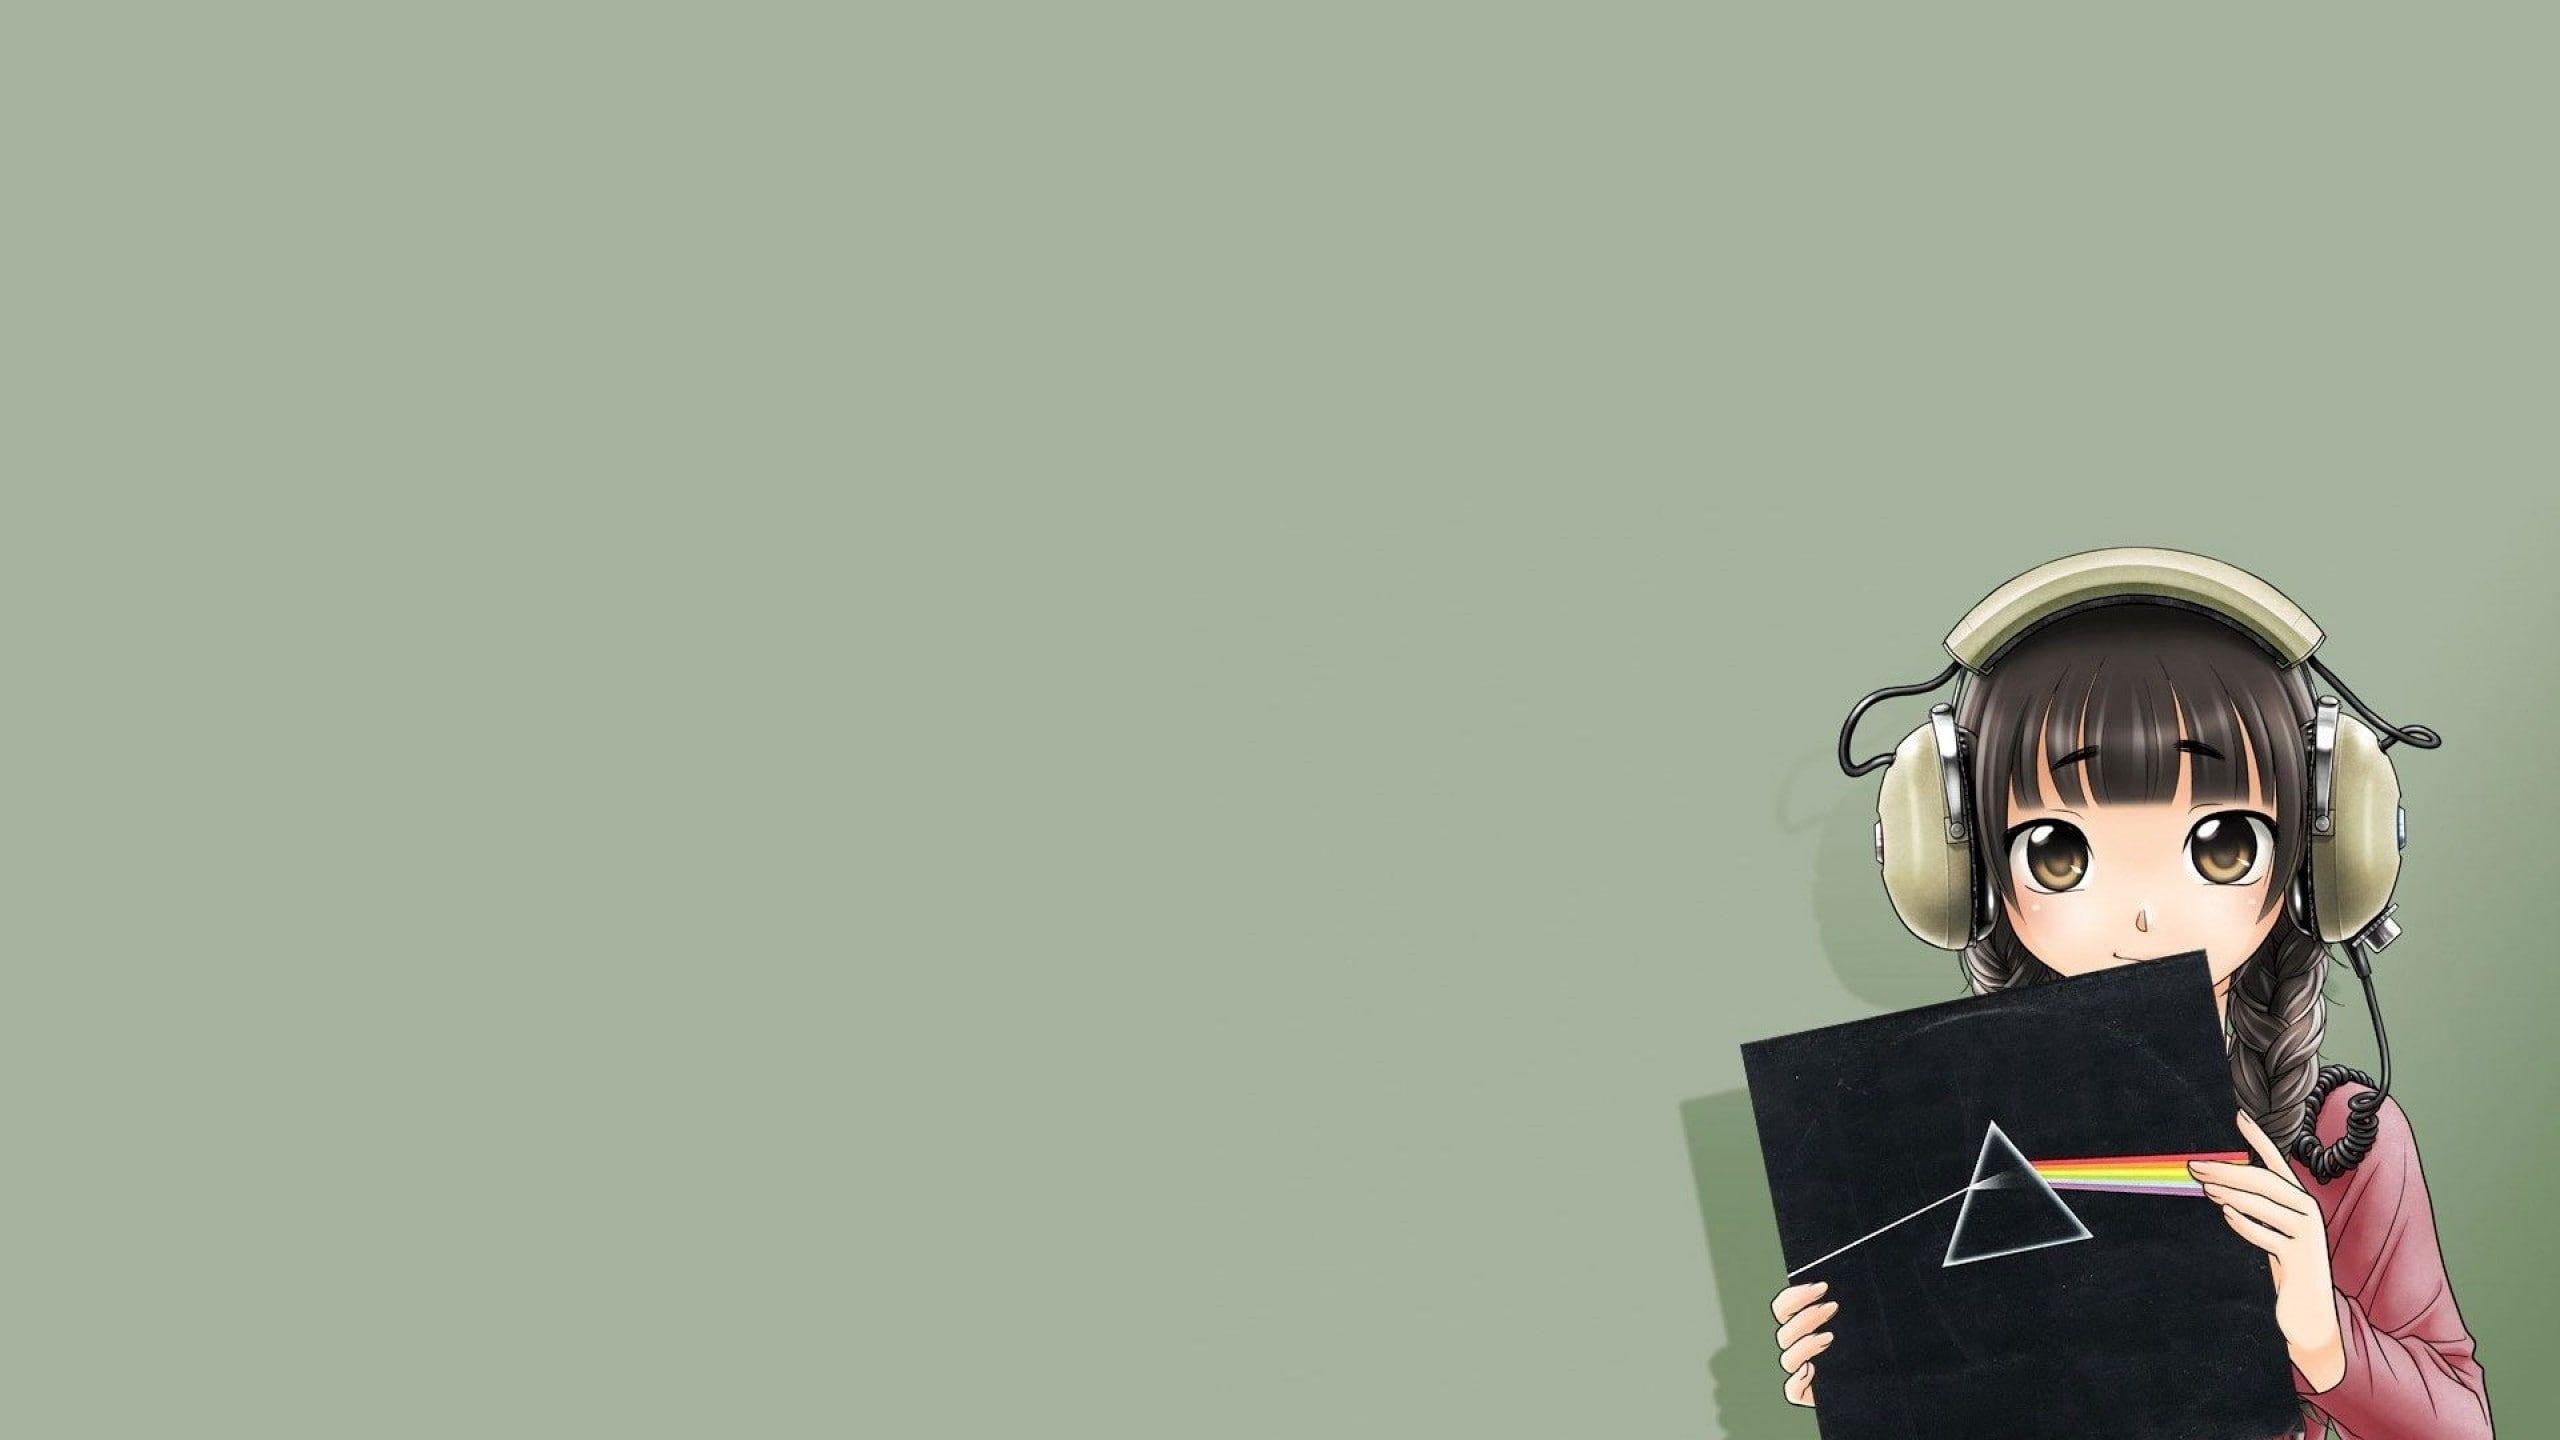 Pin On Everything Anime music desktop wallpaper